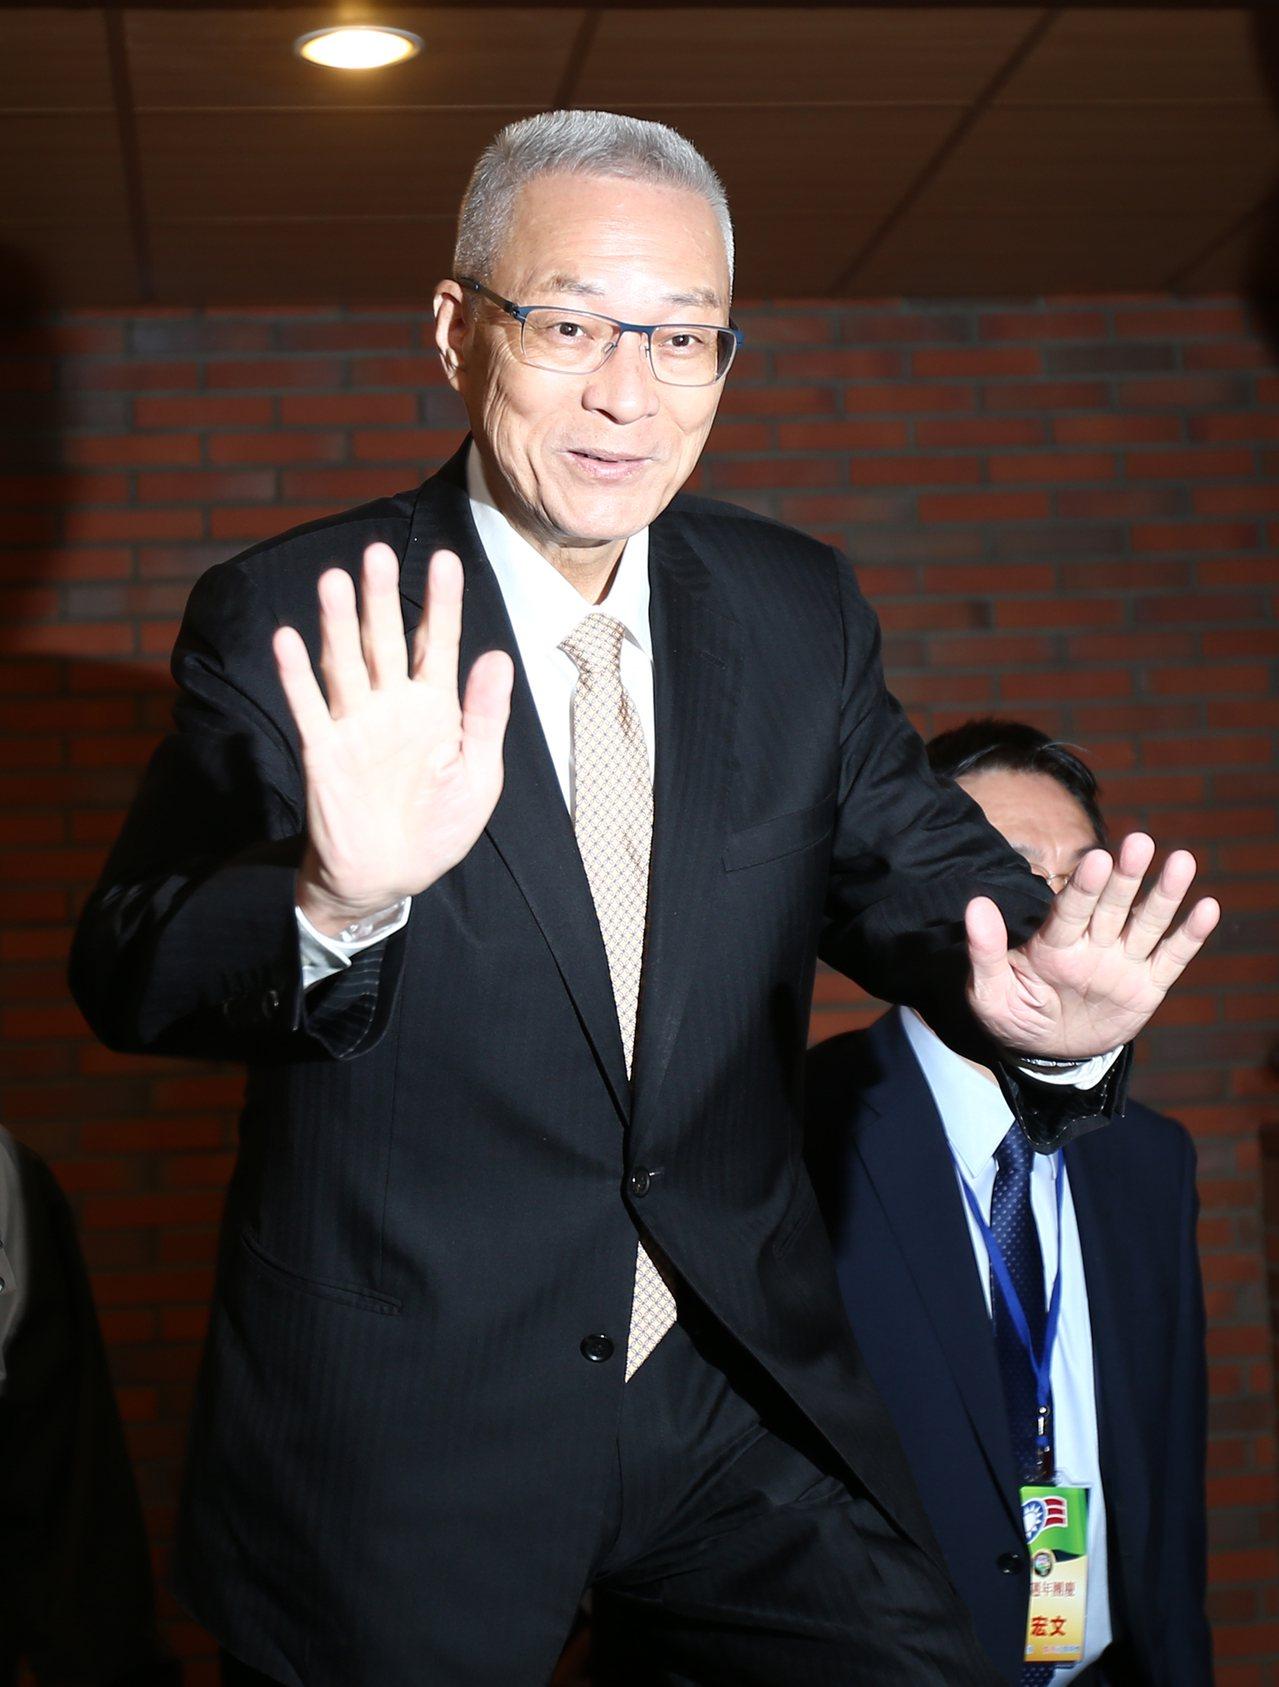 前副總統吳敦義上午出席救國團成立65周年團慶大會,表示自己民國52年15歲就參加...